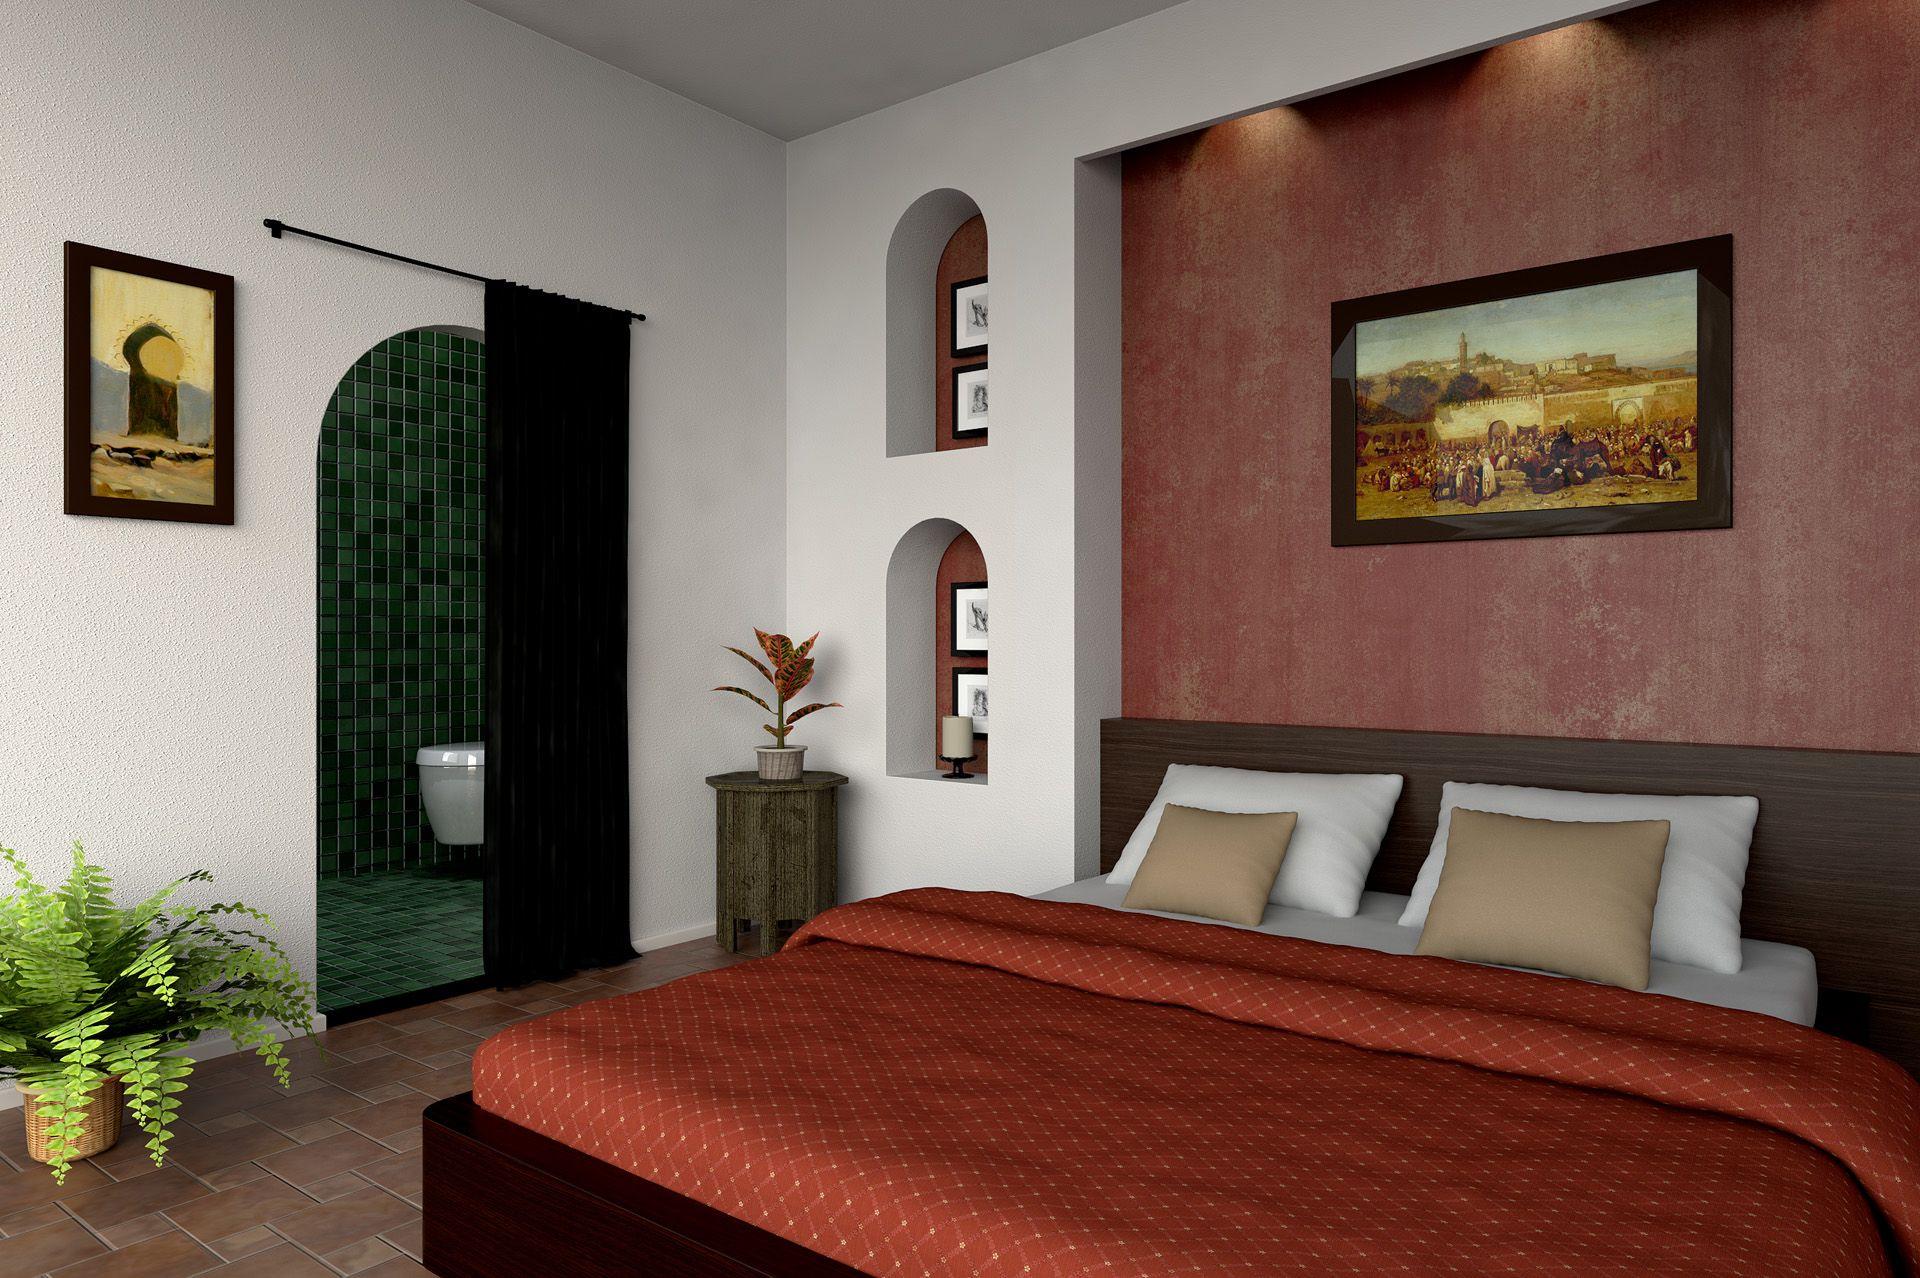 Luxe slaapkamer - Arabische interieur | Pinterest - Luxe slaapkamer ...